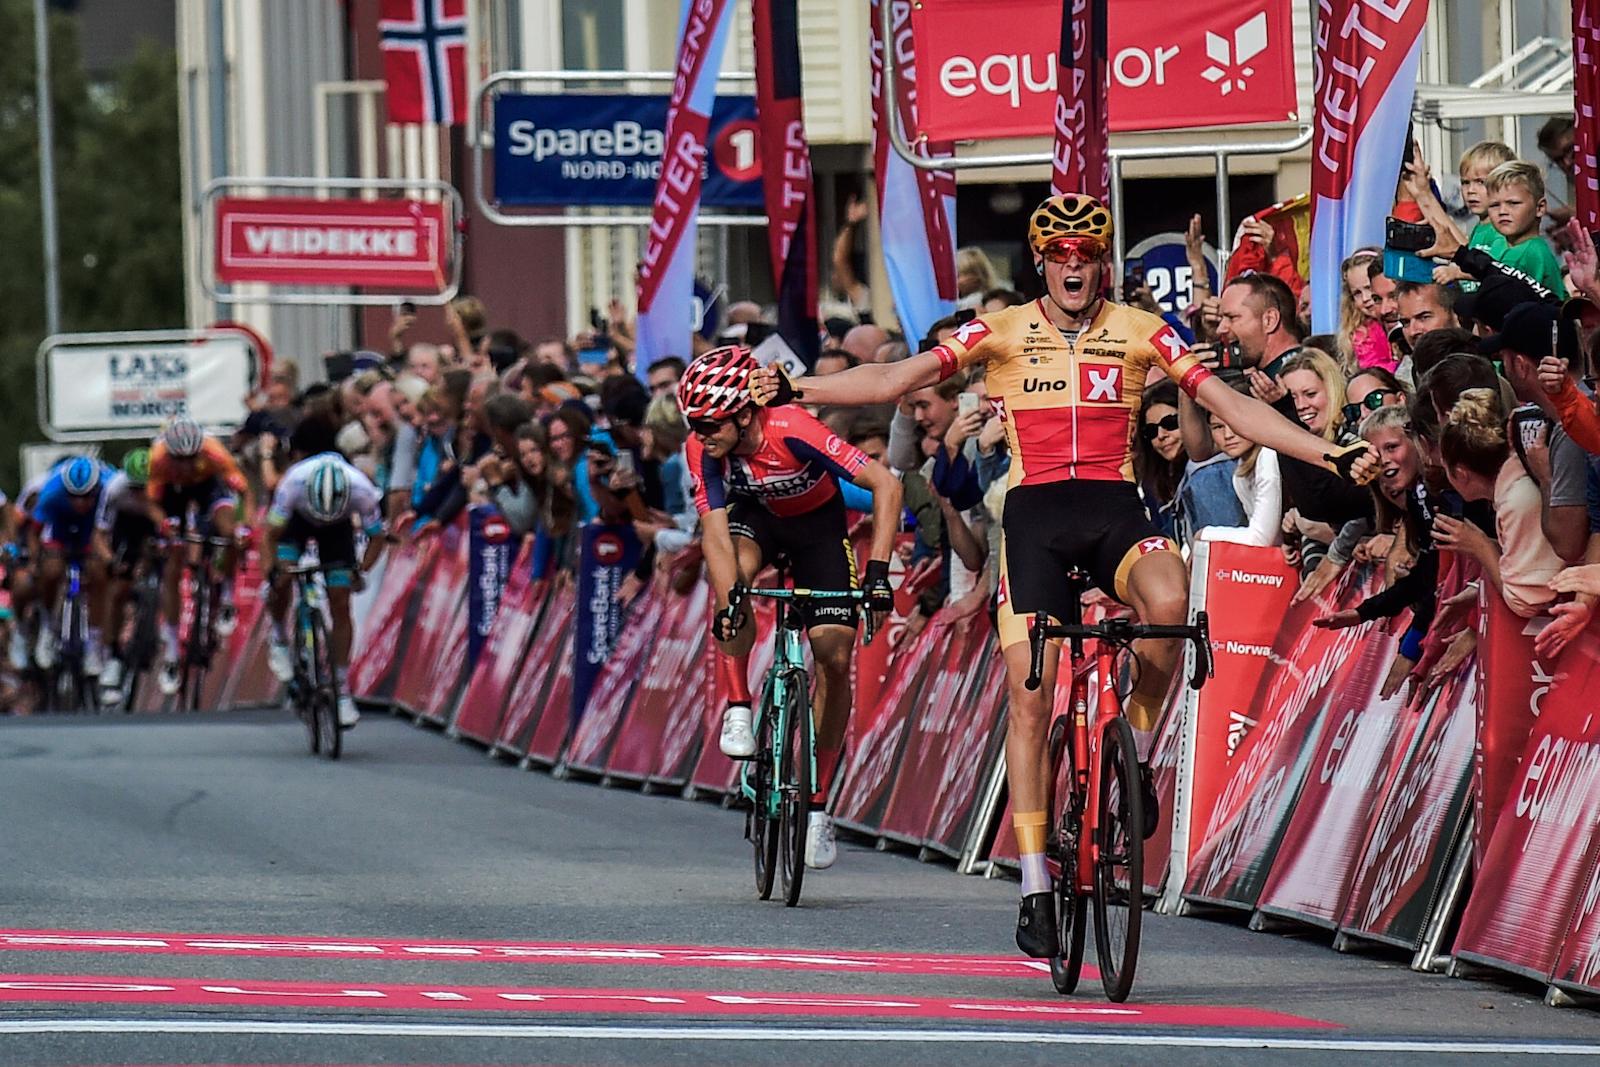 KARRIEREBESTE: Markus Hoelgaard vant finaleetappen av Arctic Tour of Norway i Narvik. Foto: ARN/Gautier Demouveaux